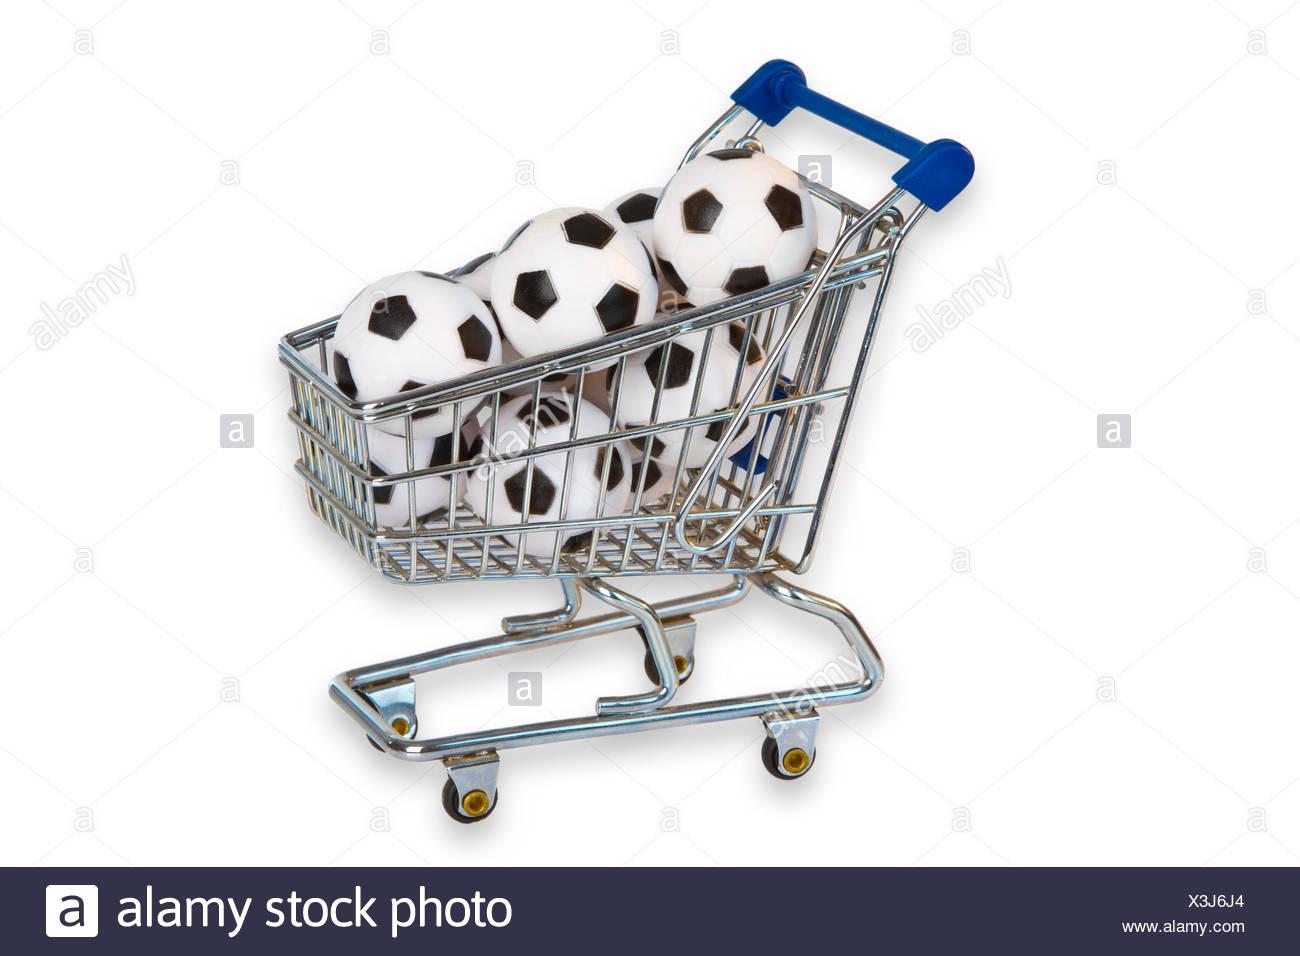 Fussbaelle in einem Einkaufswagen freigestellt auf weissem Hintergrund - Stock Image